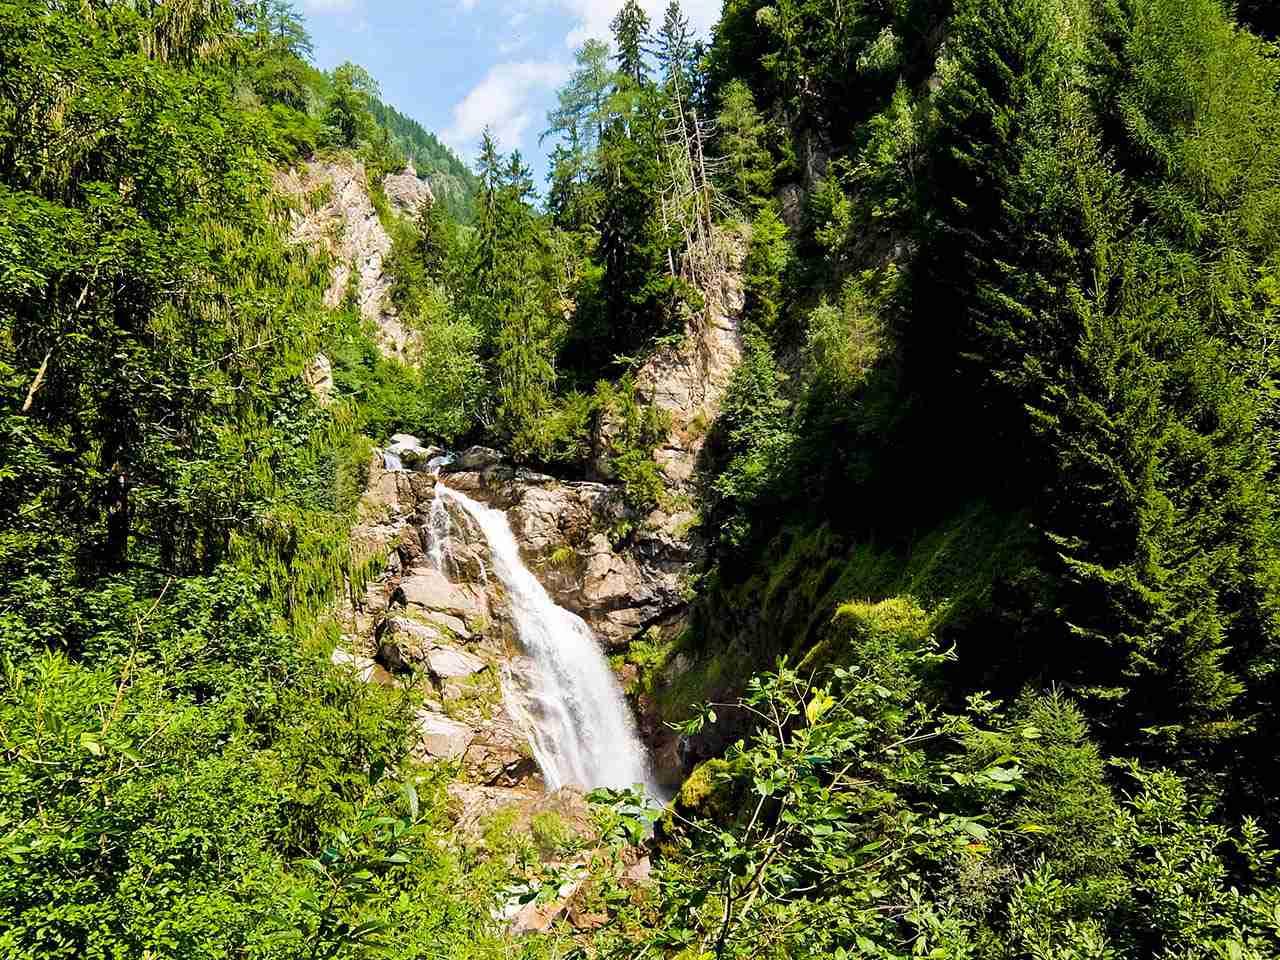 Rabischschlucht Gorge Waterfall, Austria